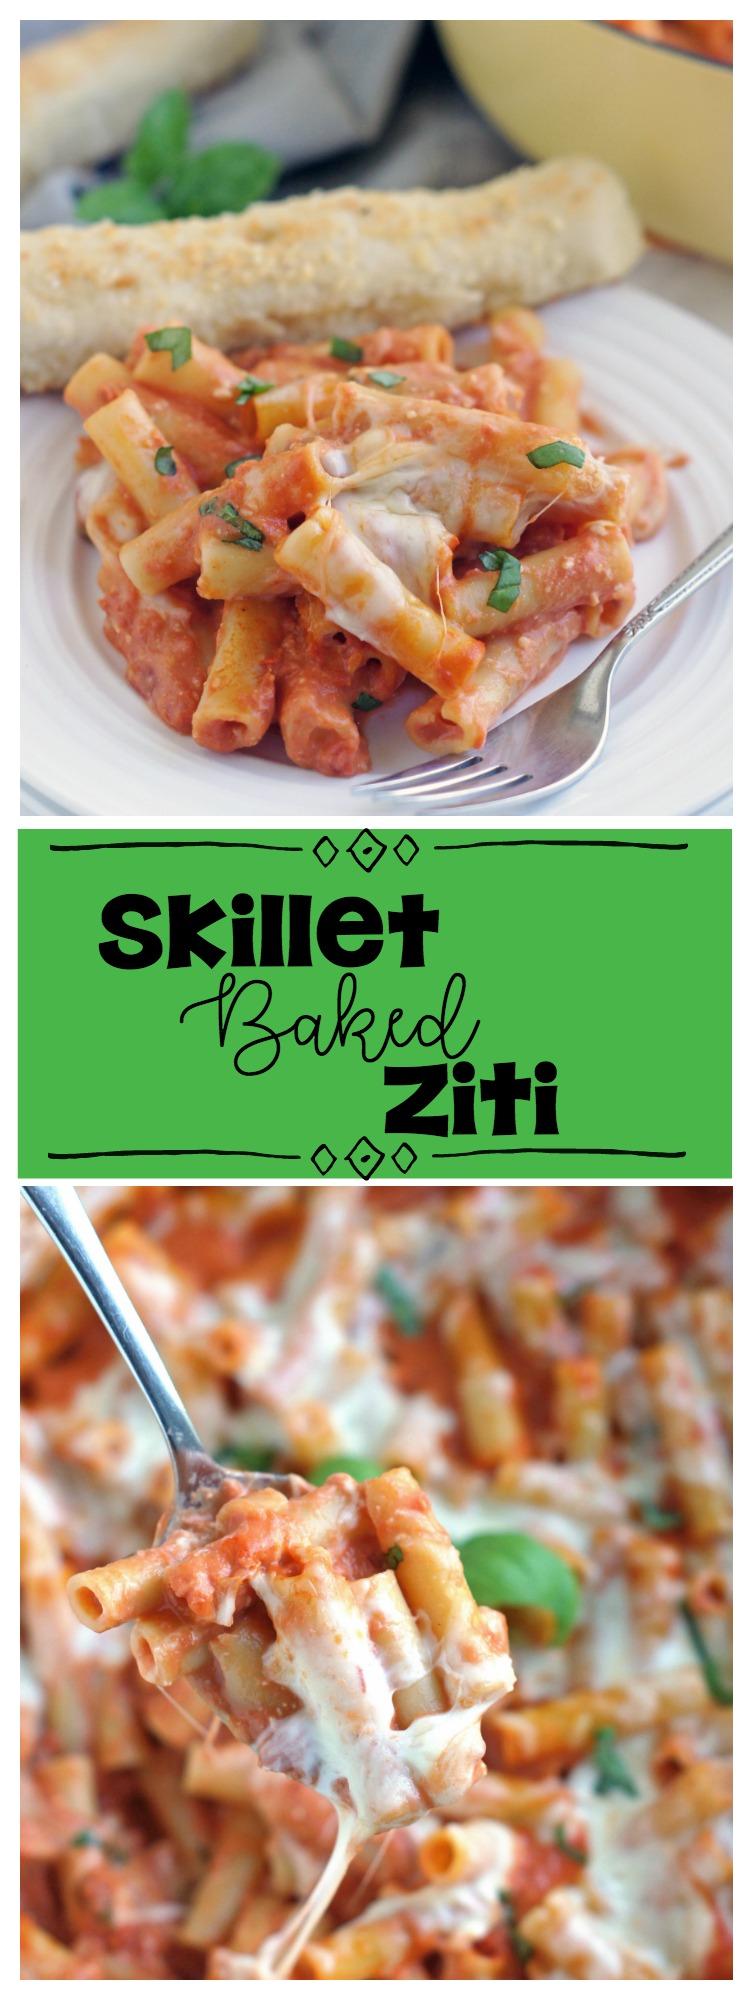 Skillet Baked Ziti 5 Boys Baker